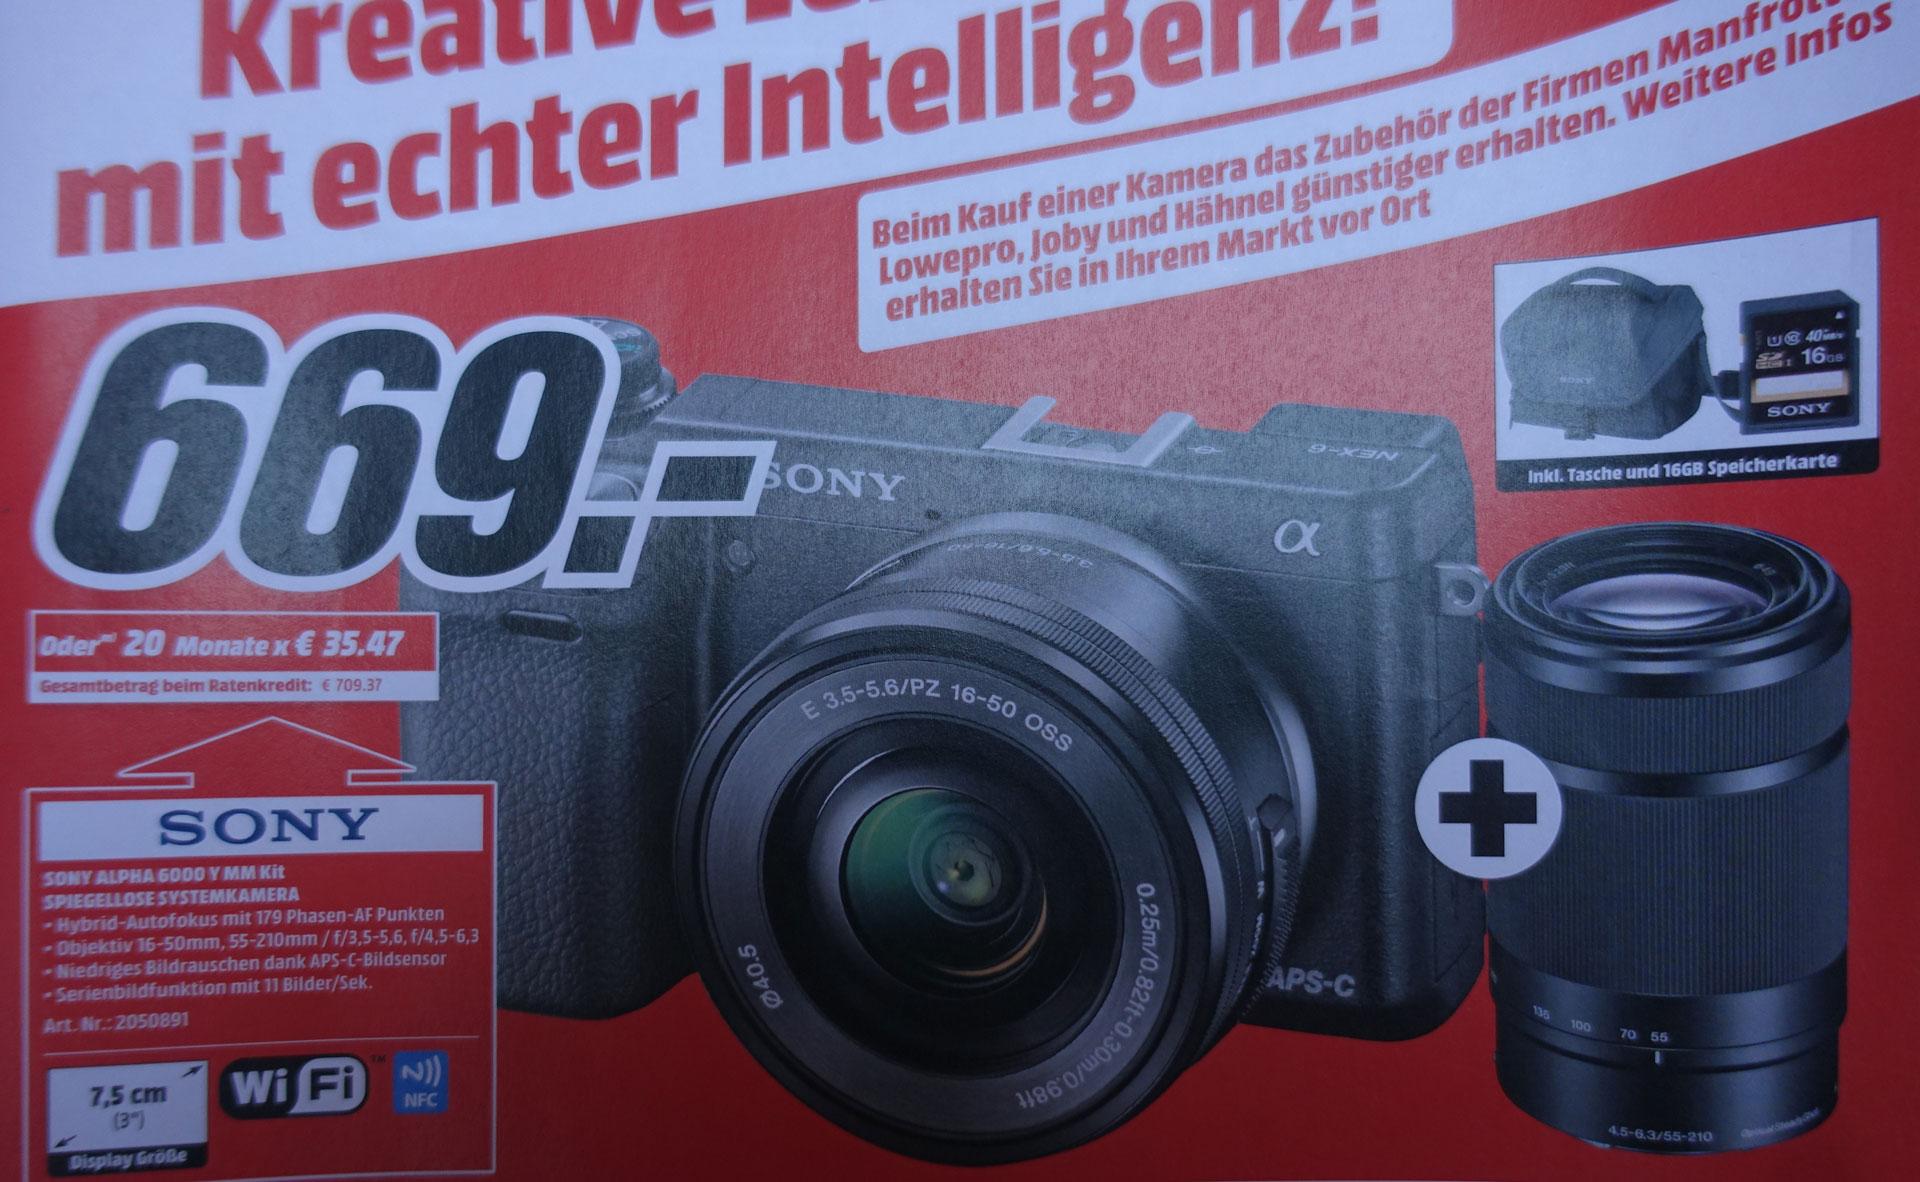 Sony Alpha 6000 Y Kit (669 - 70 Euro Direktabzug = 599,- an der Kasse)(mit 16-50mm, 55-210mm, Tasche und Speicherkarte) MM Bonn